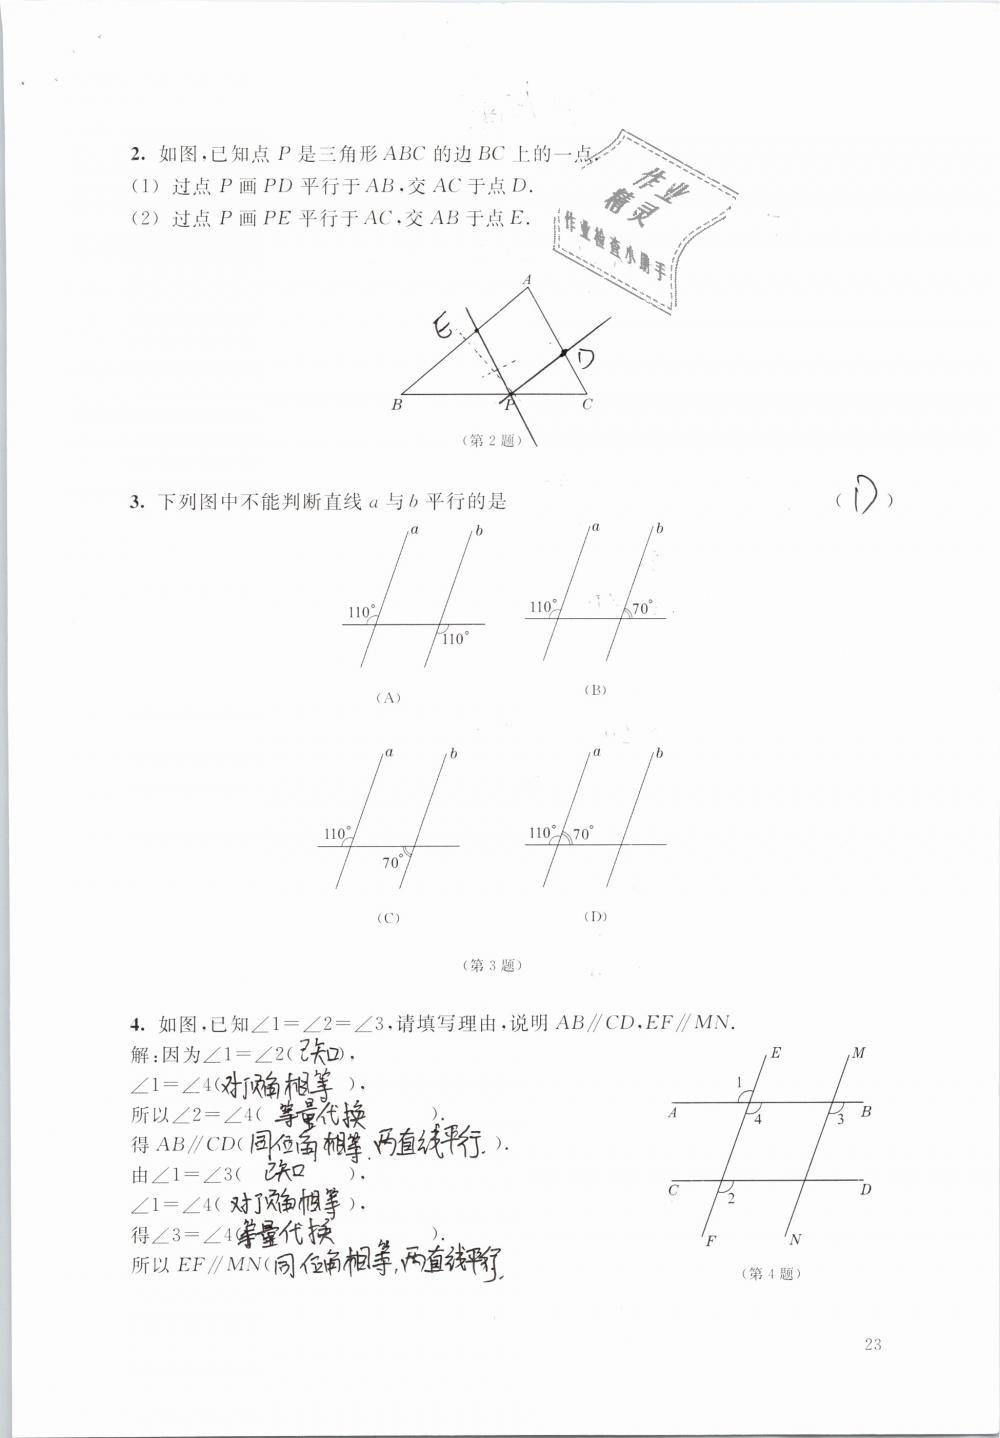 2019年数学练习部分七年级第二学期第23页